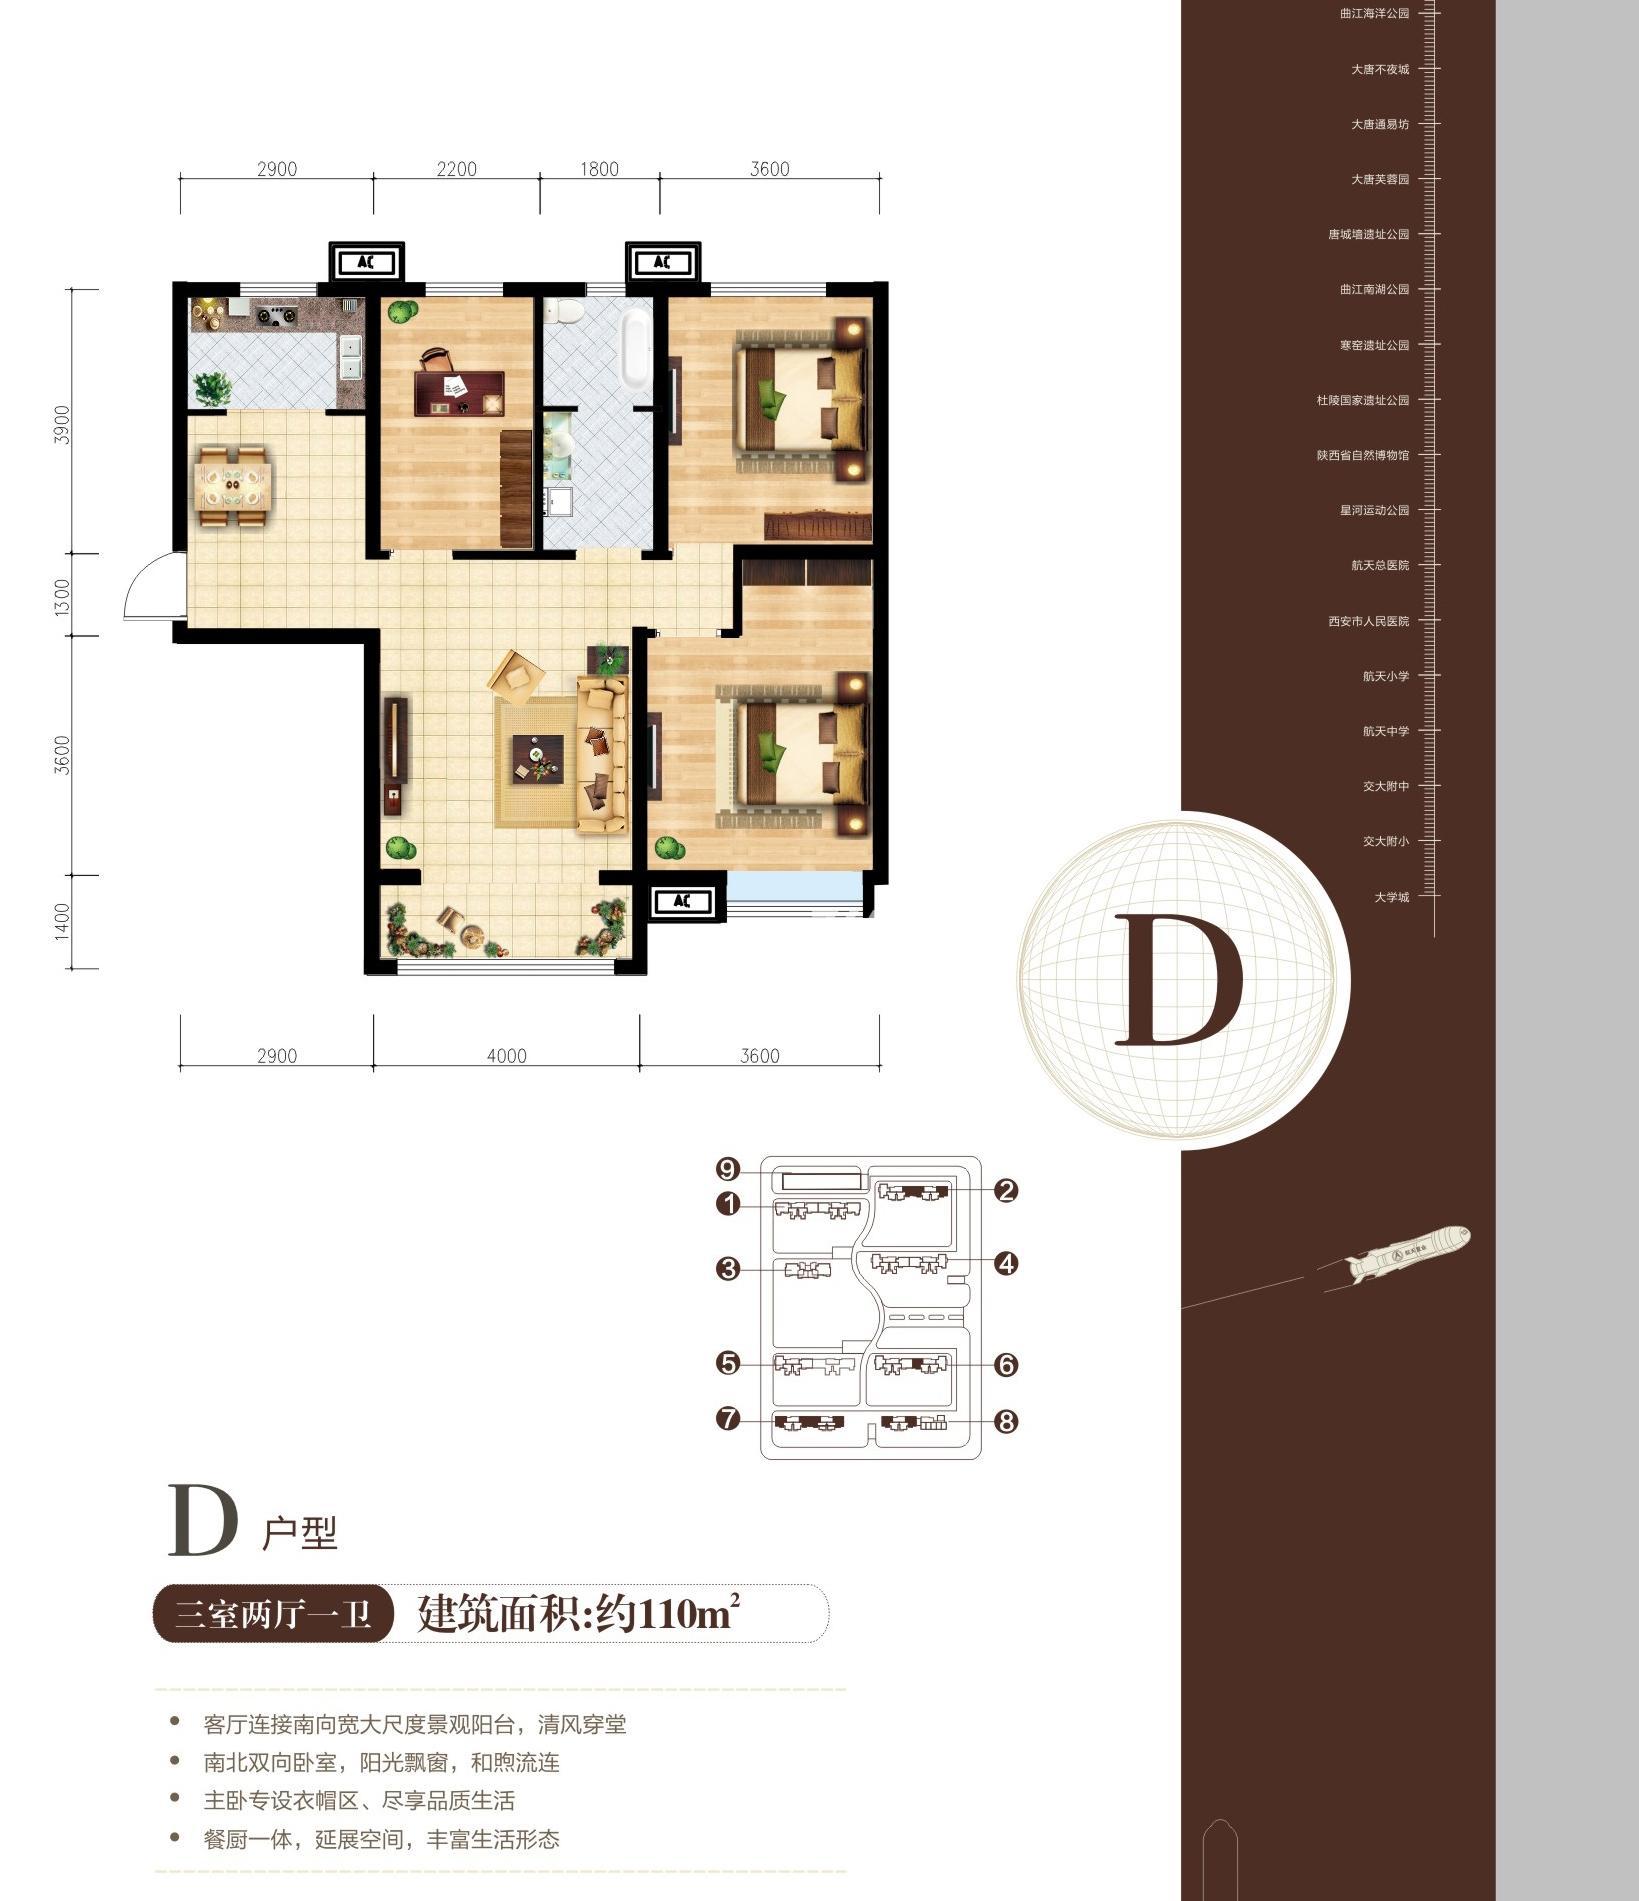 西安航天城二期D户型三室两厅一卫110㎡